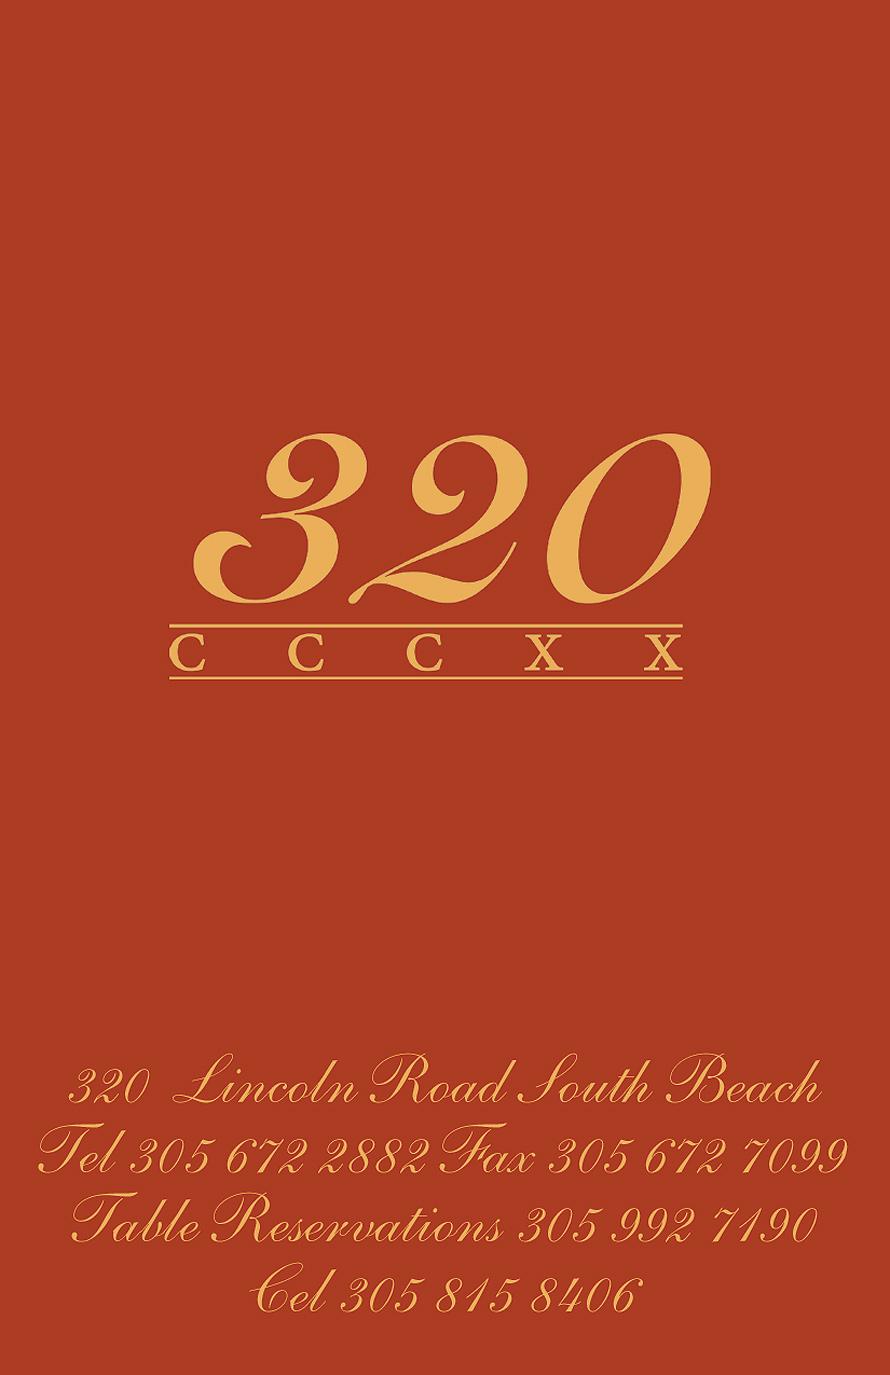 320 CCCXX Birthday Celebration